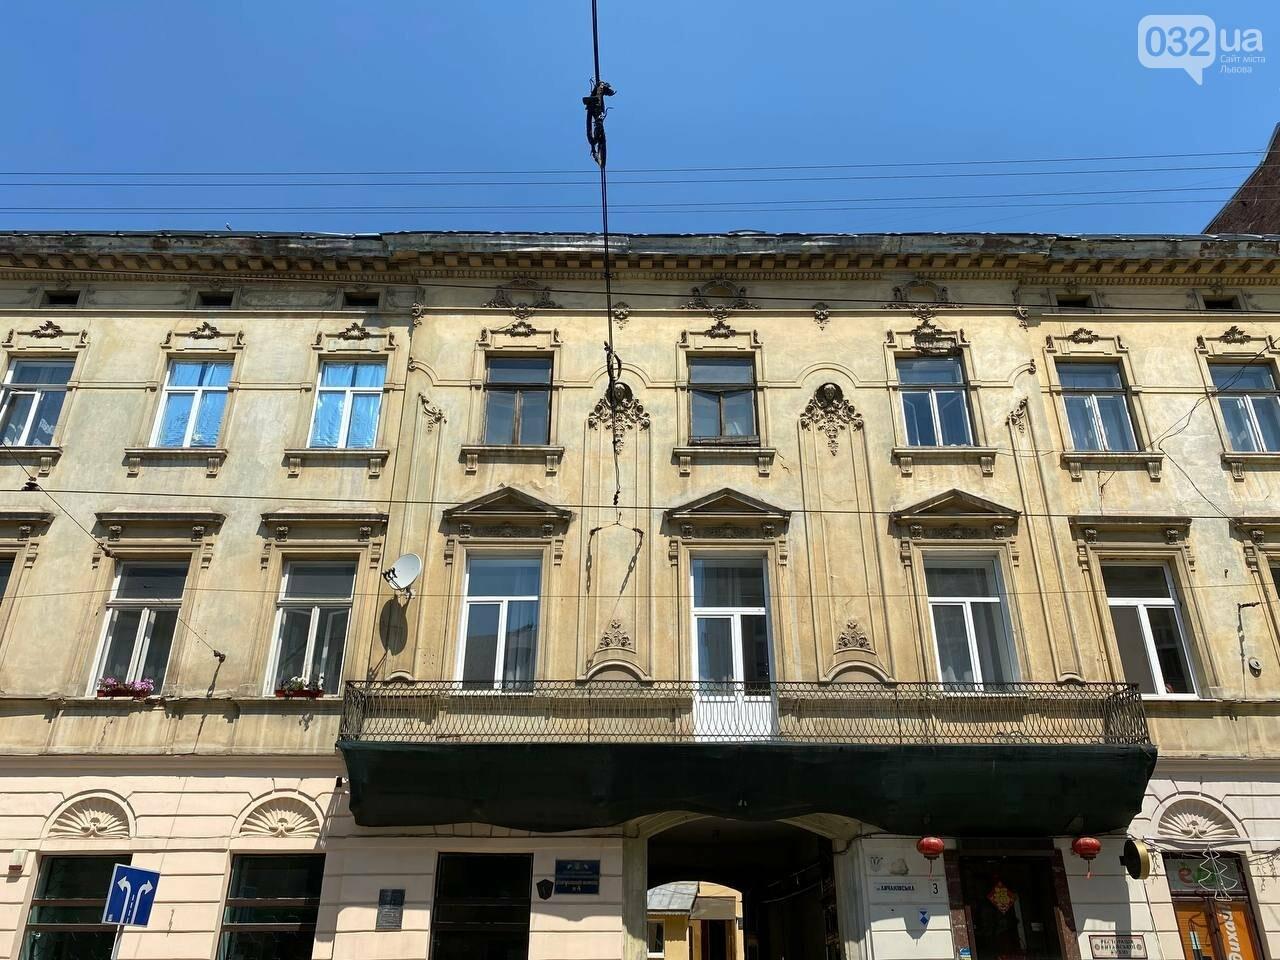 Будинок на Личаківській, 3, Фото: 032.ua